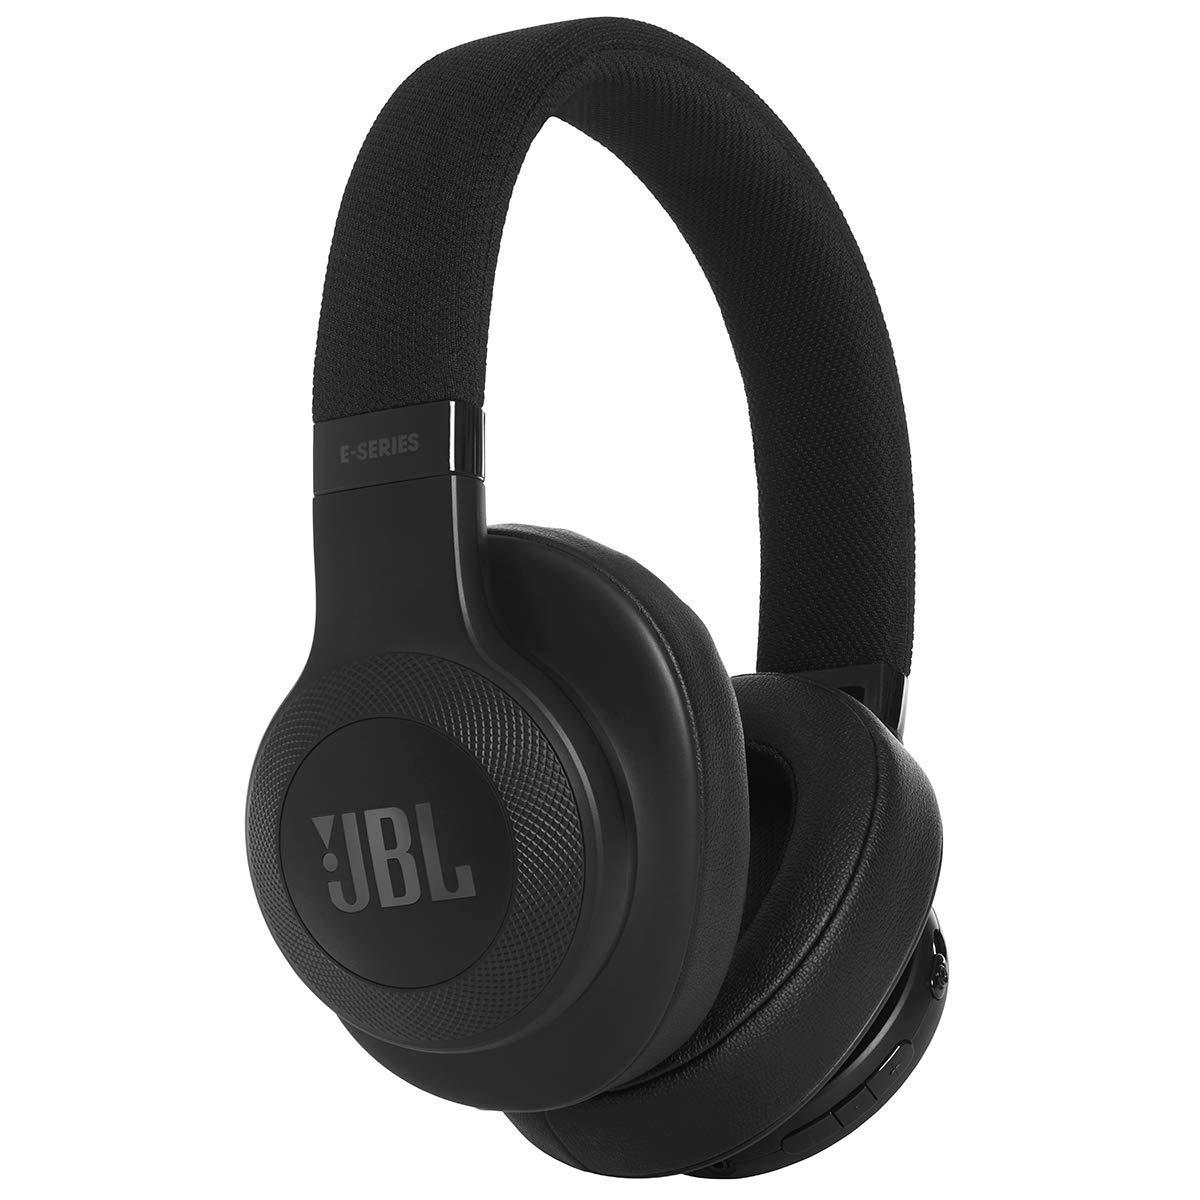 JBL E55BT Over Ear Bluetooth Kopfhörer in Schwarz (Wireless Headphones mit integriertem Headset – Musikgenuss für bis zu 20 Stunden)